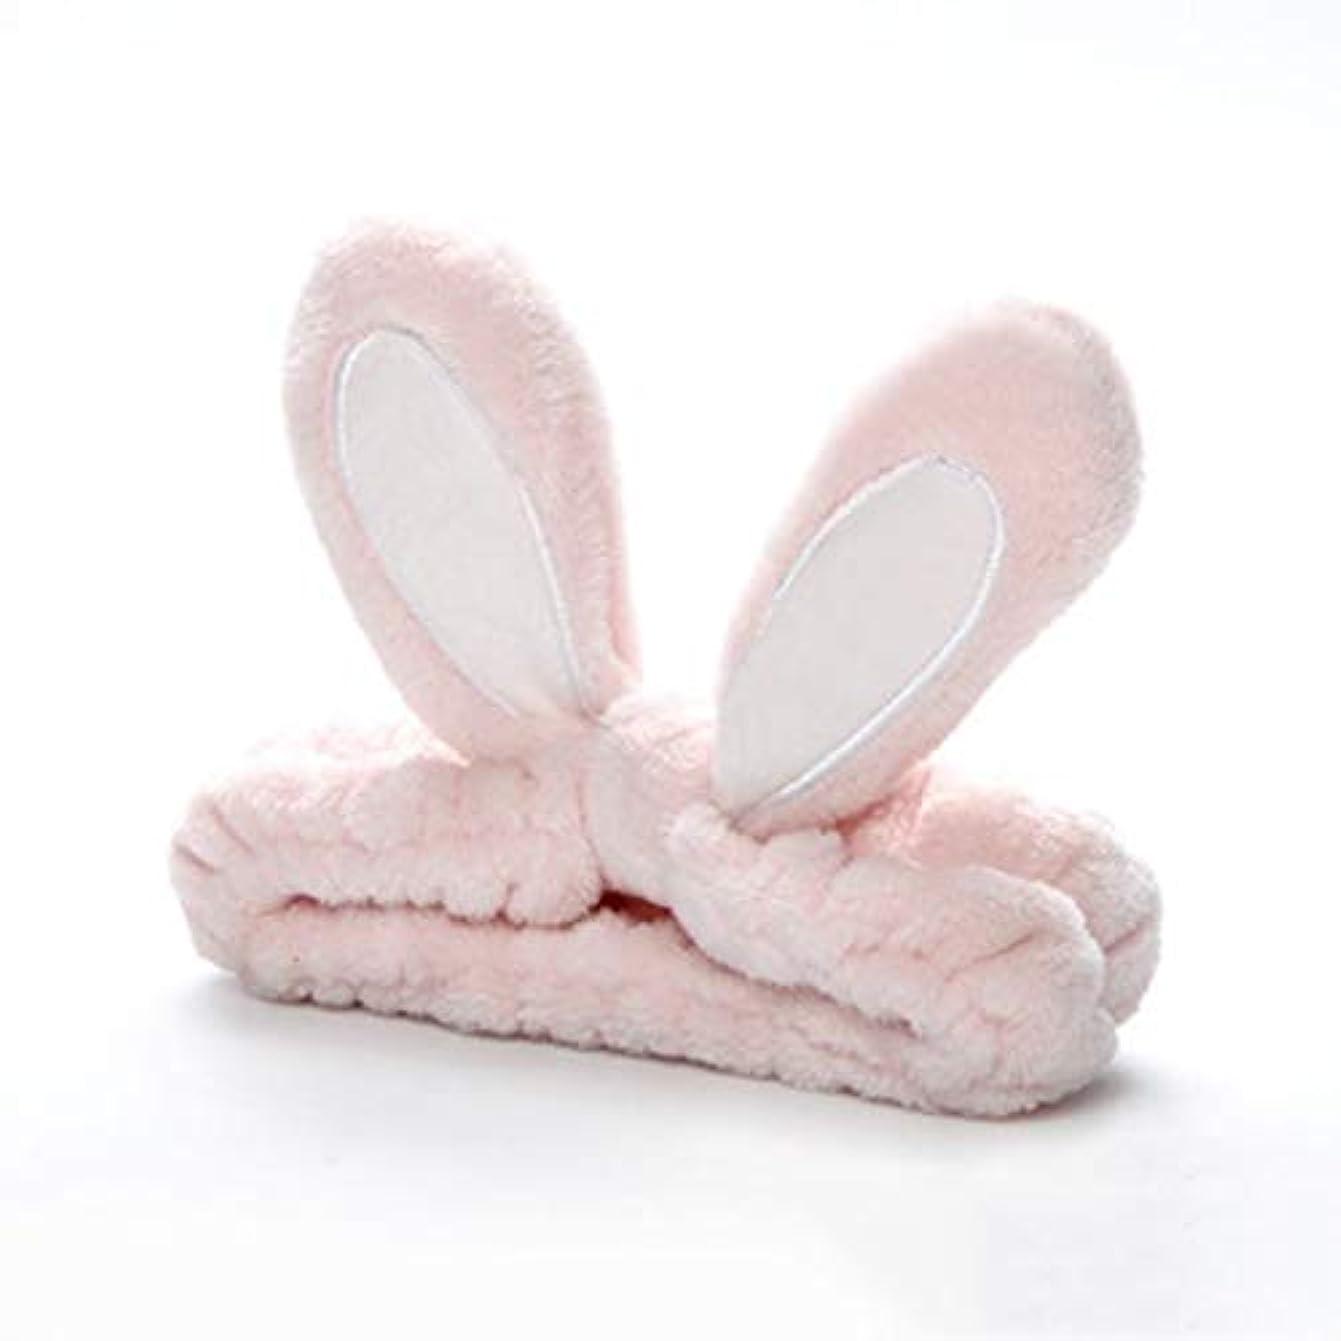 ミュウミュウ恐怖シャッフルかわいいうさぎ耳帽子洗浄顔とメイクアップ新しくファッションヘッドバンド - ライトピンク